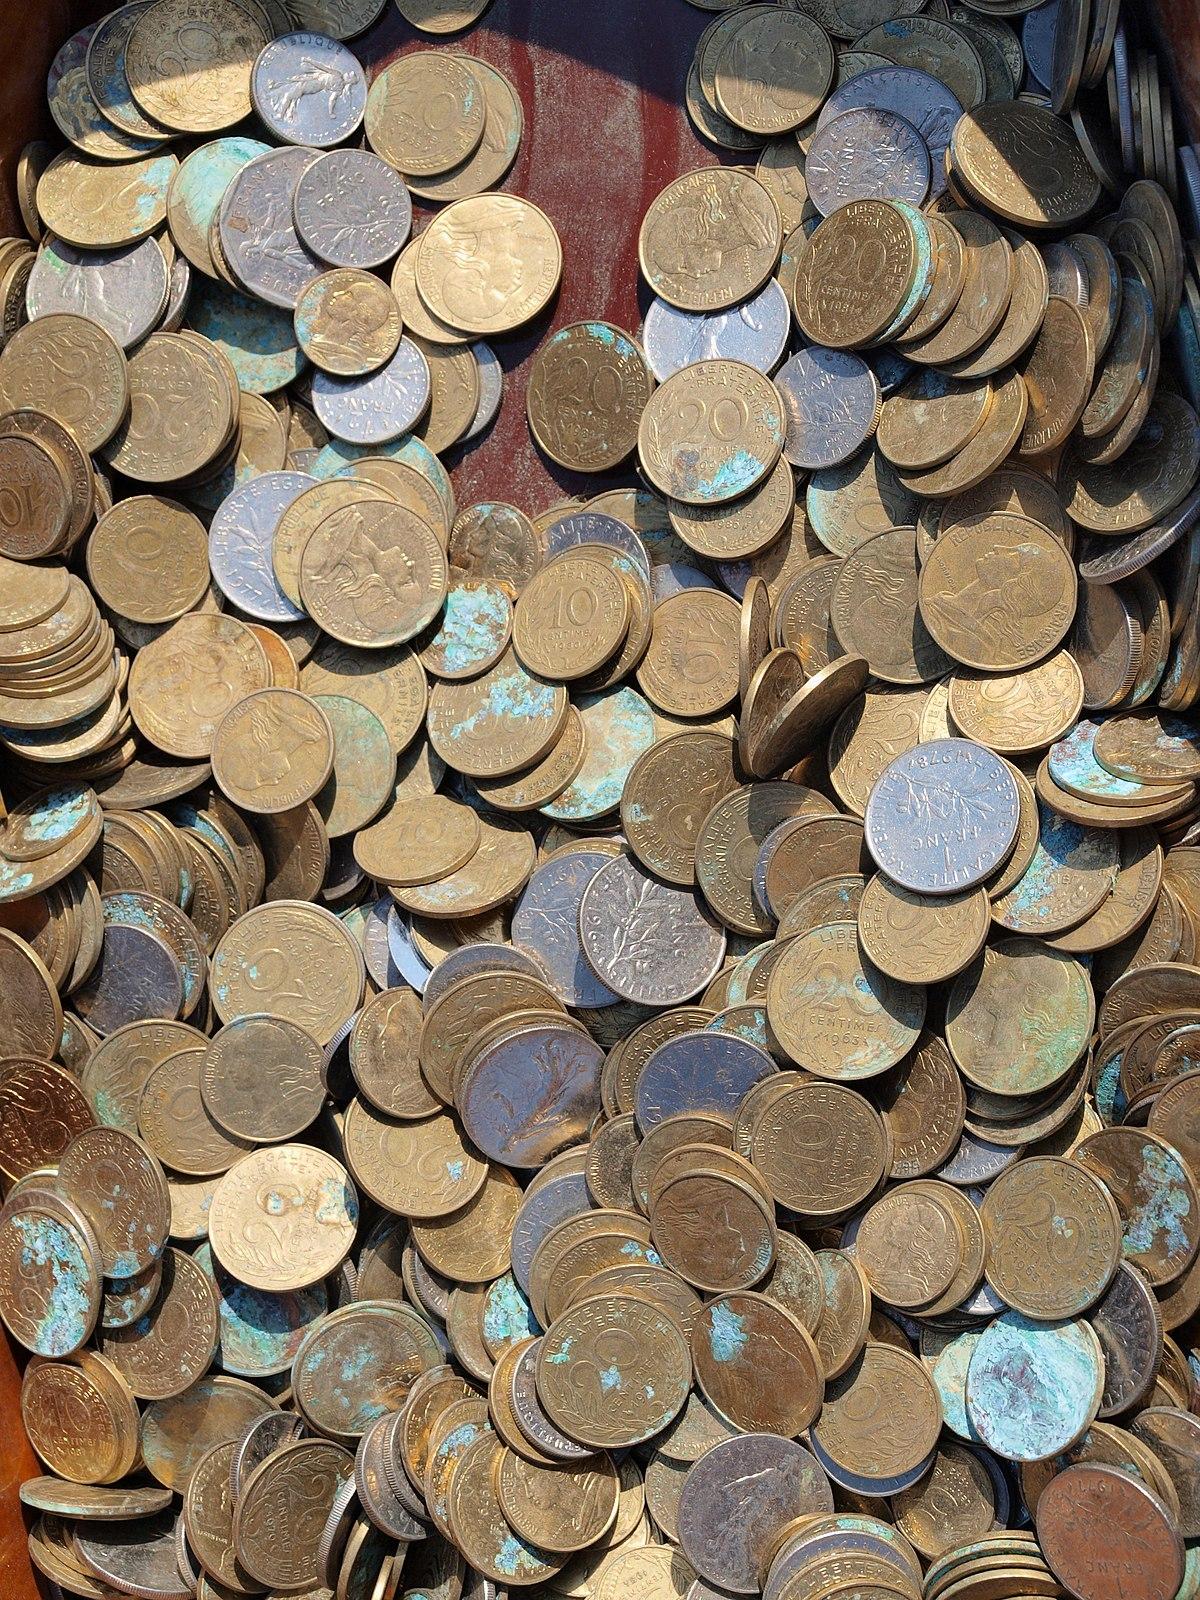 bas prix 60% pas cher qualité de la marque monnaie — Wiktionnaire